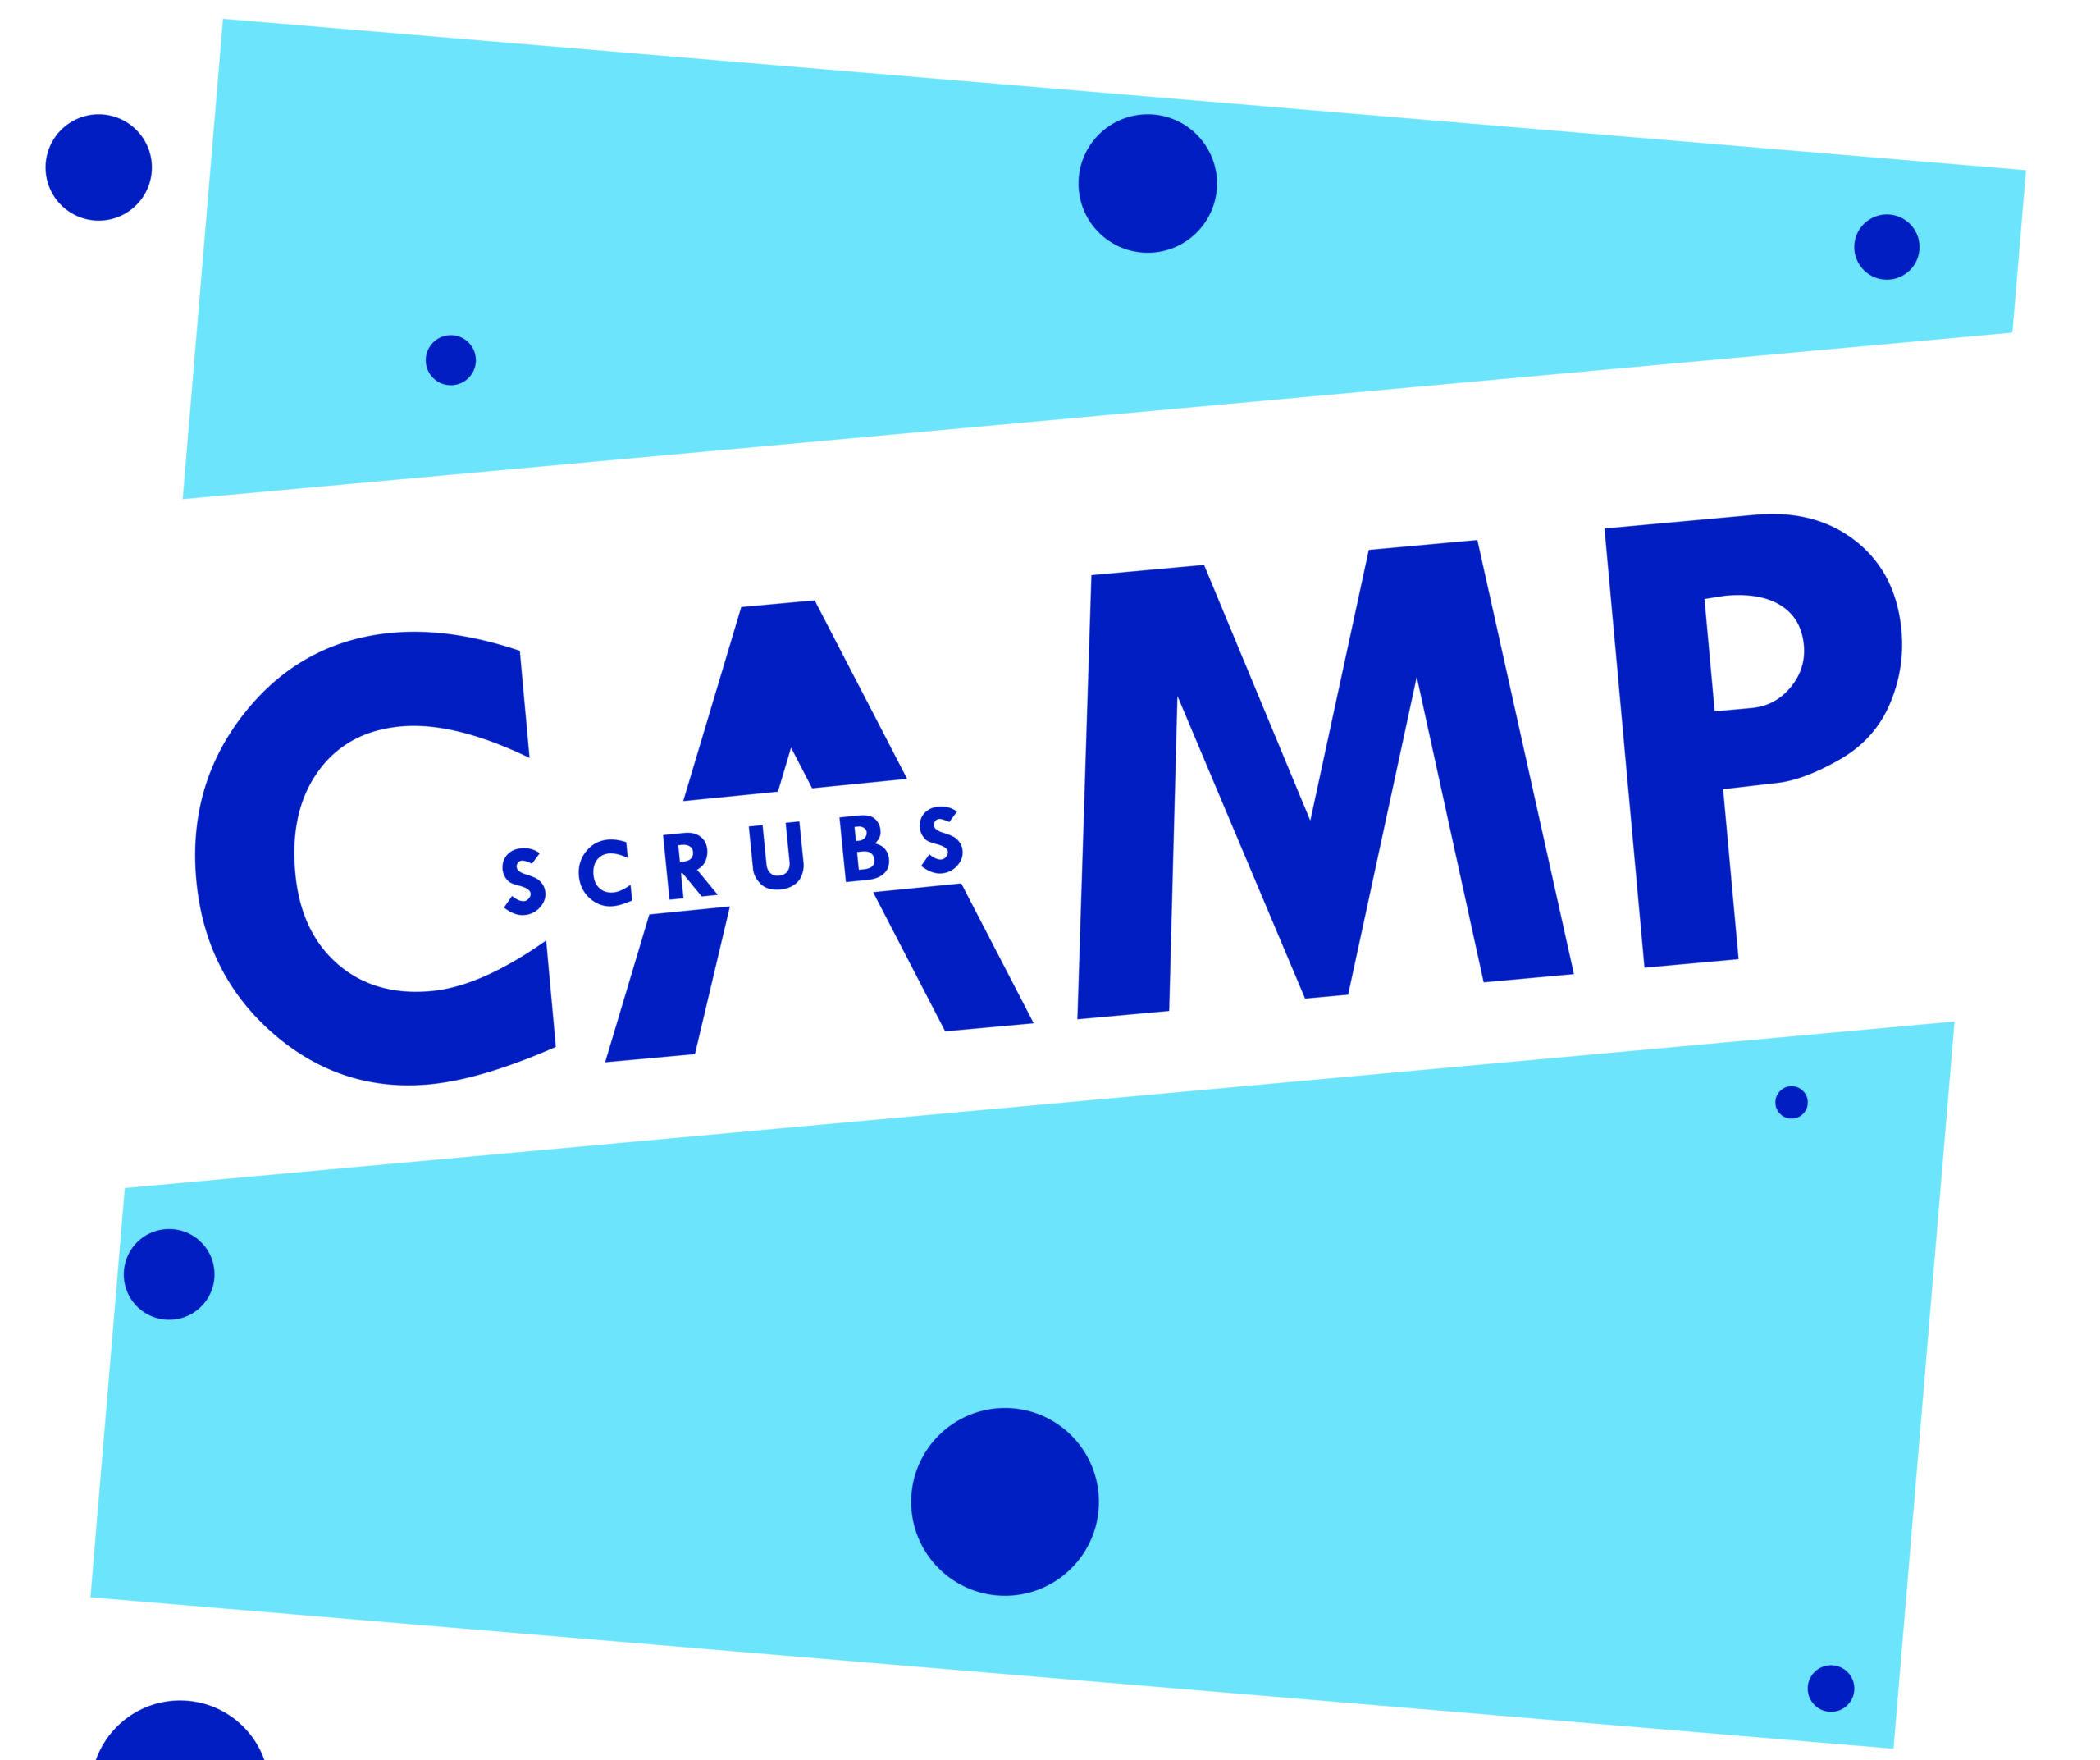 2019 Scrubs Camp Recap